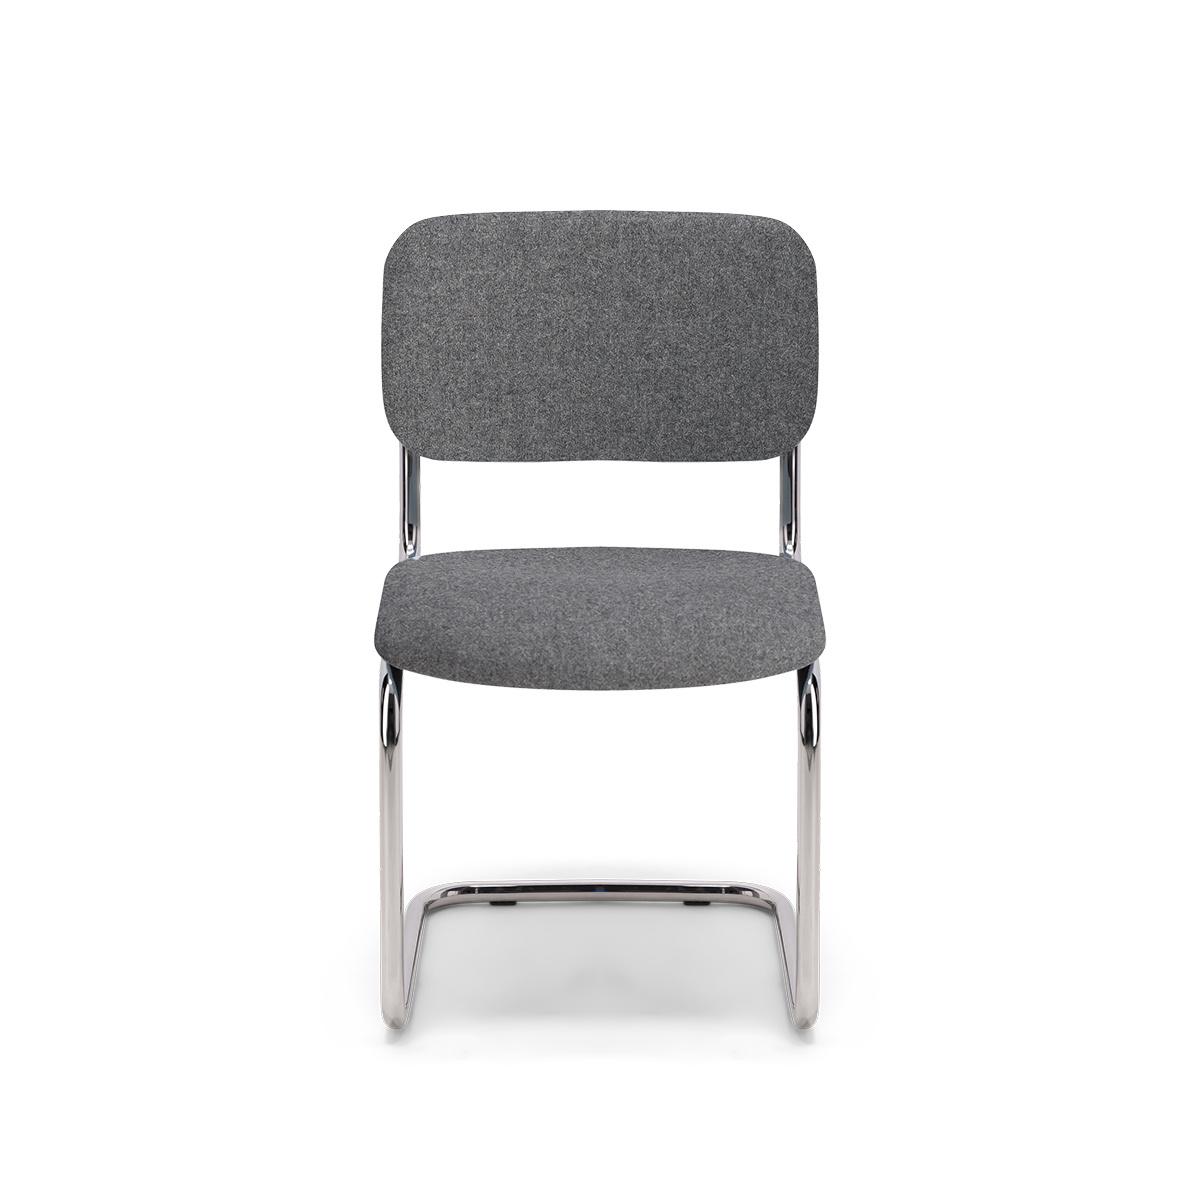 Chaise Classica feutre gris